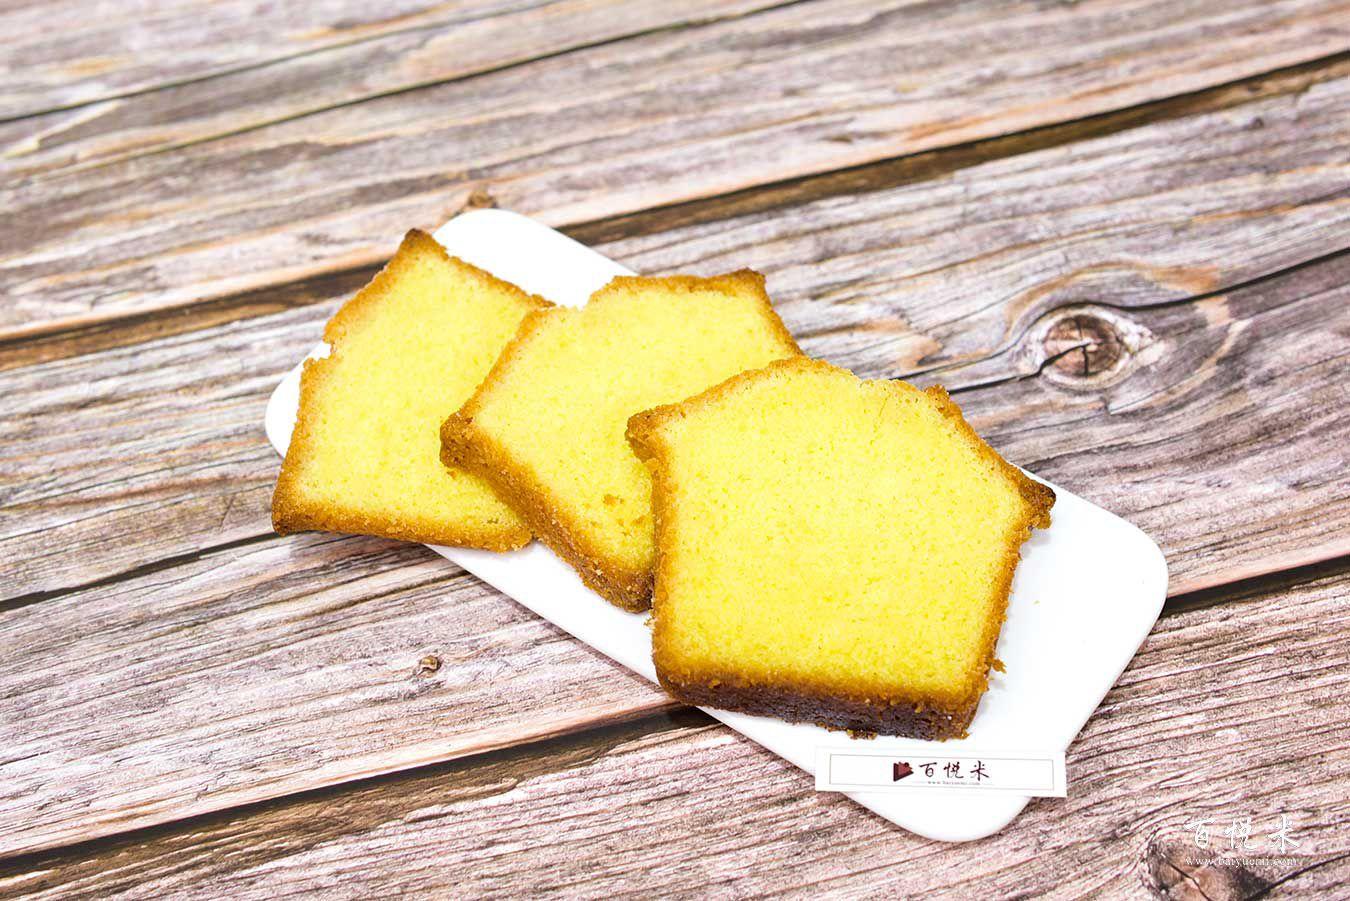 磅蛋糕的高清图片大全【蛋糕图片】_288